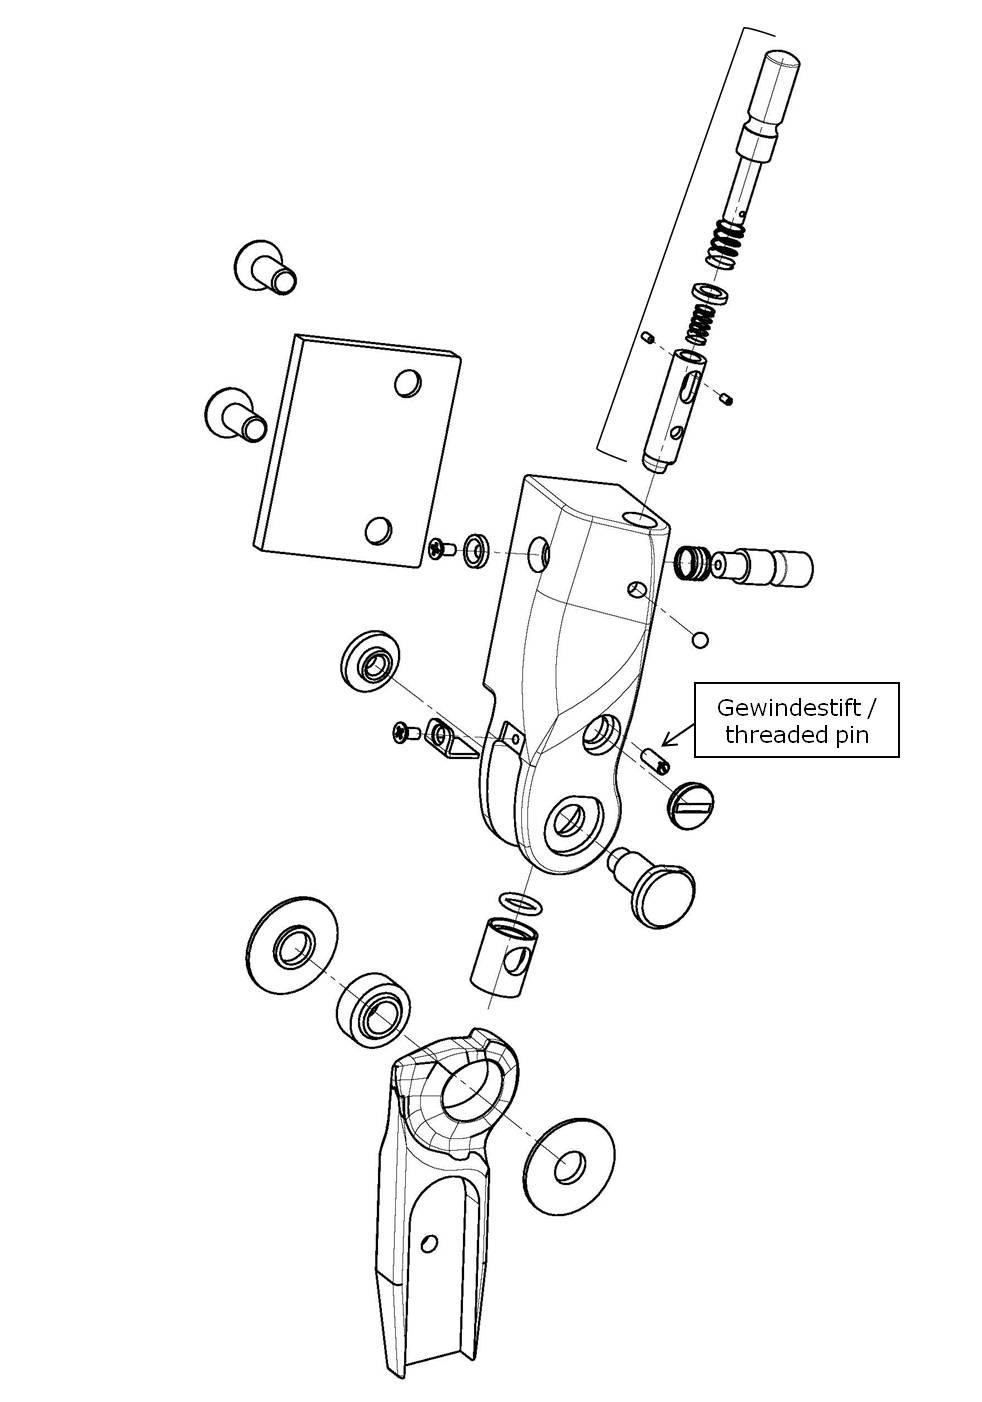 Gewindestift für das Salera preselect 3-D Hüftgelenk